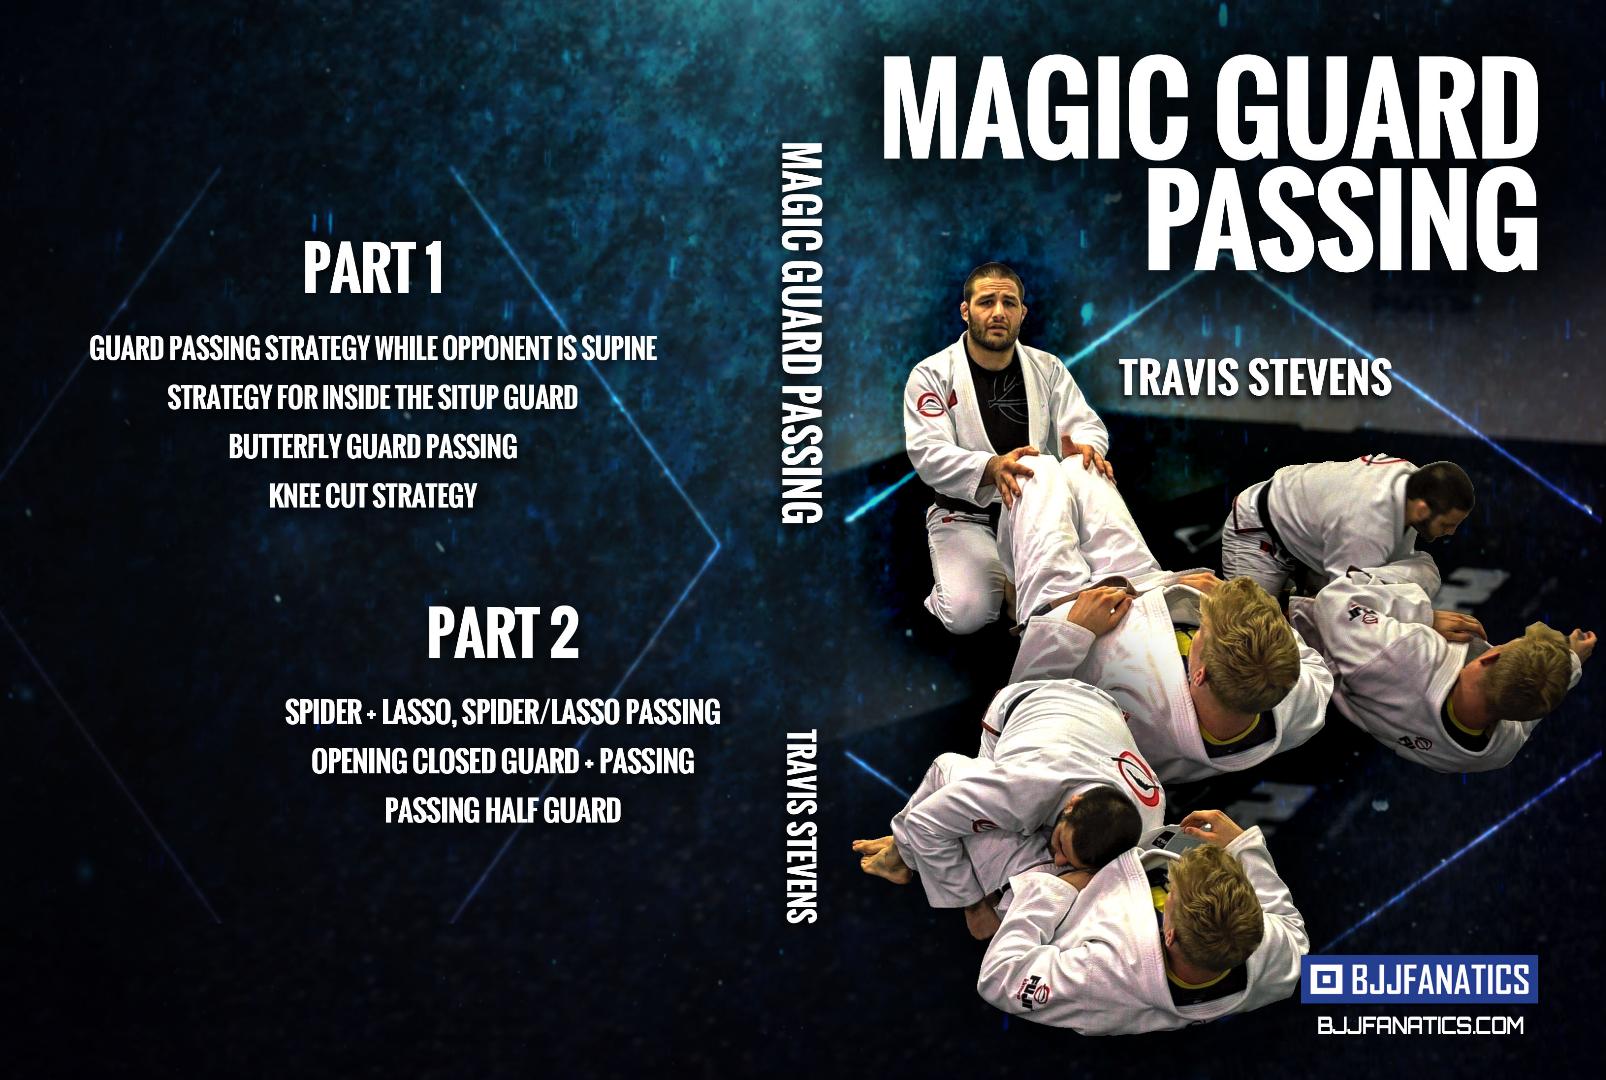 トラヴィス・スティーブンス  マジックパスガード  DVD2枚セット